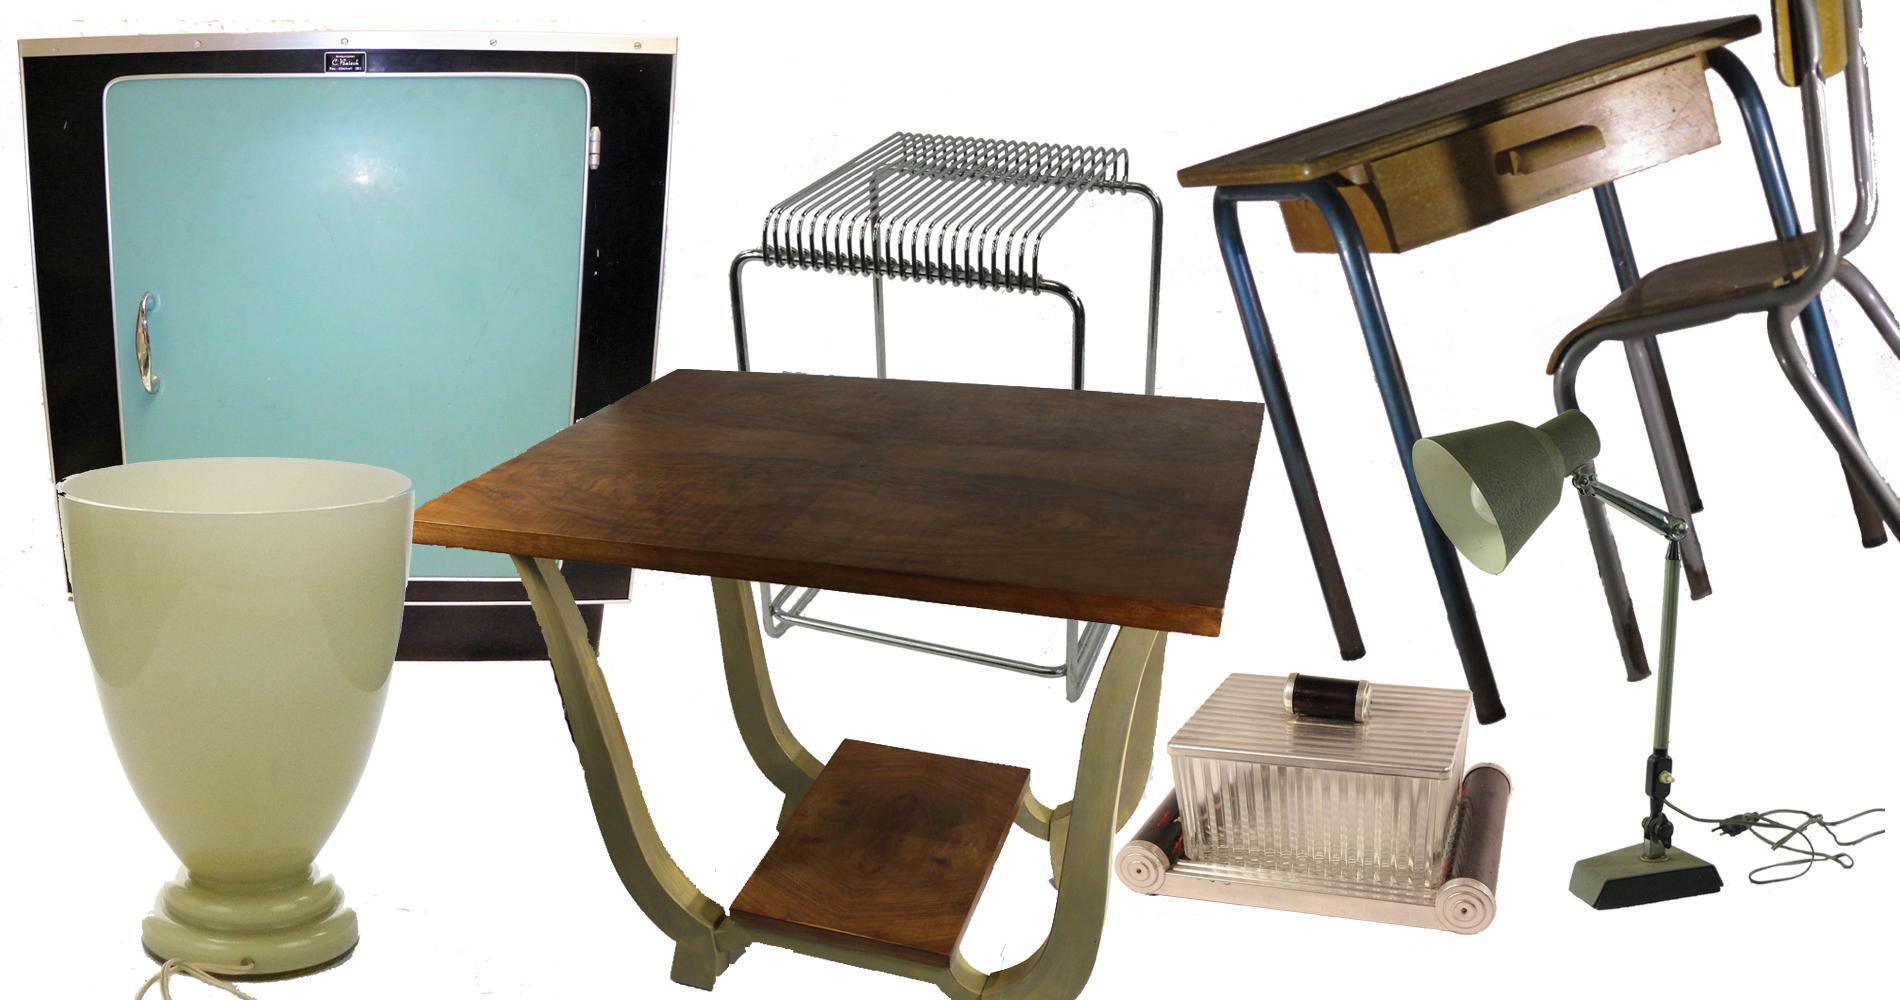 dix objets d co chiner sur le site d 39 emma s madame figaro. Black Bedroom Furniture Sets. Home Design Ideas